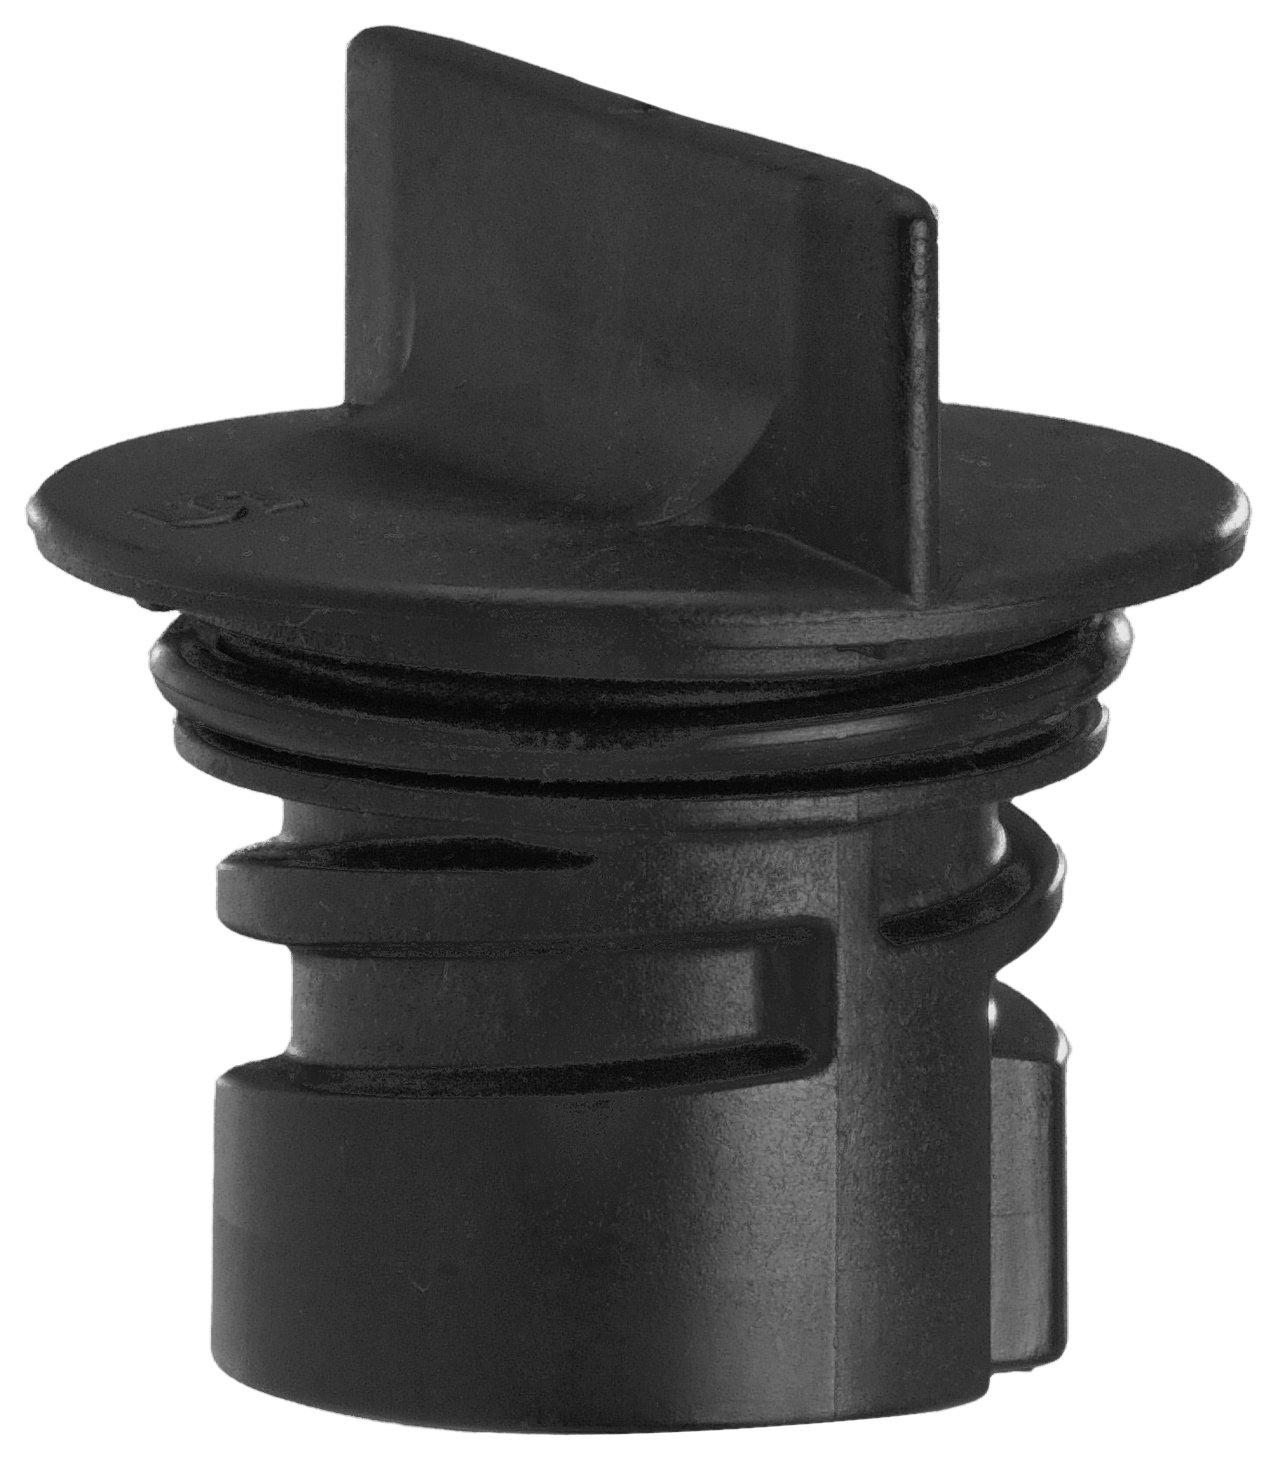 Stant 10148 Oil Filler Cap